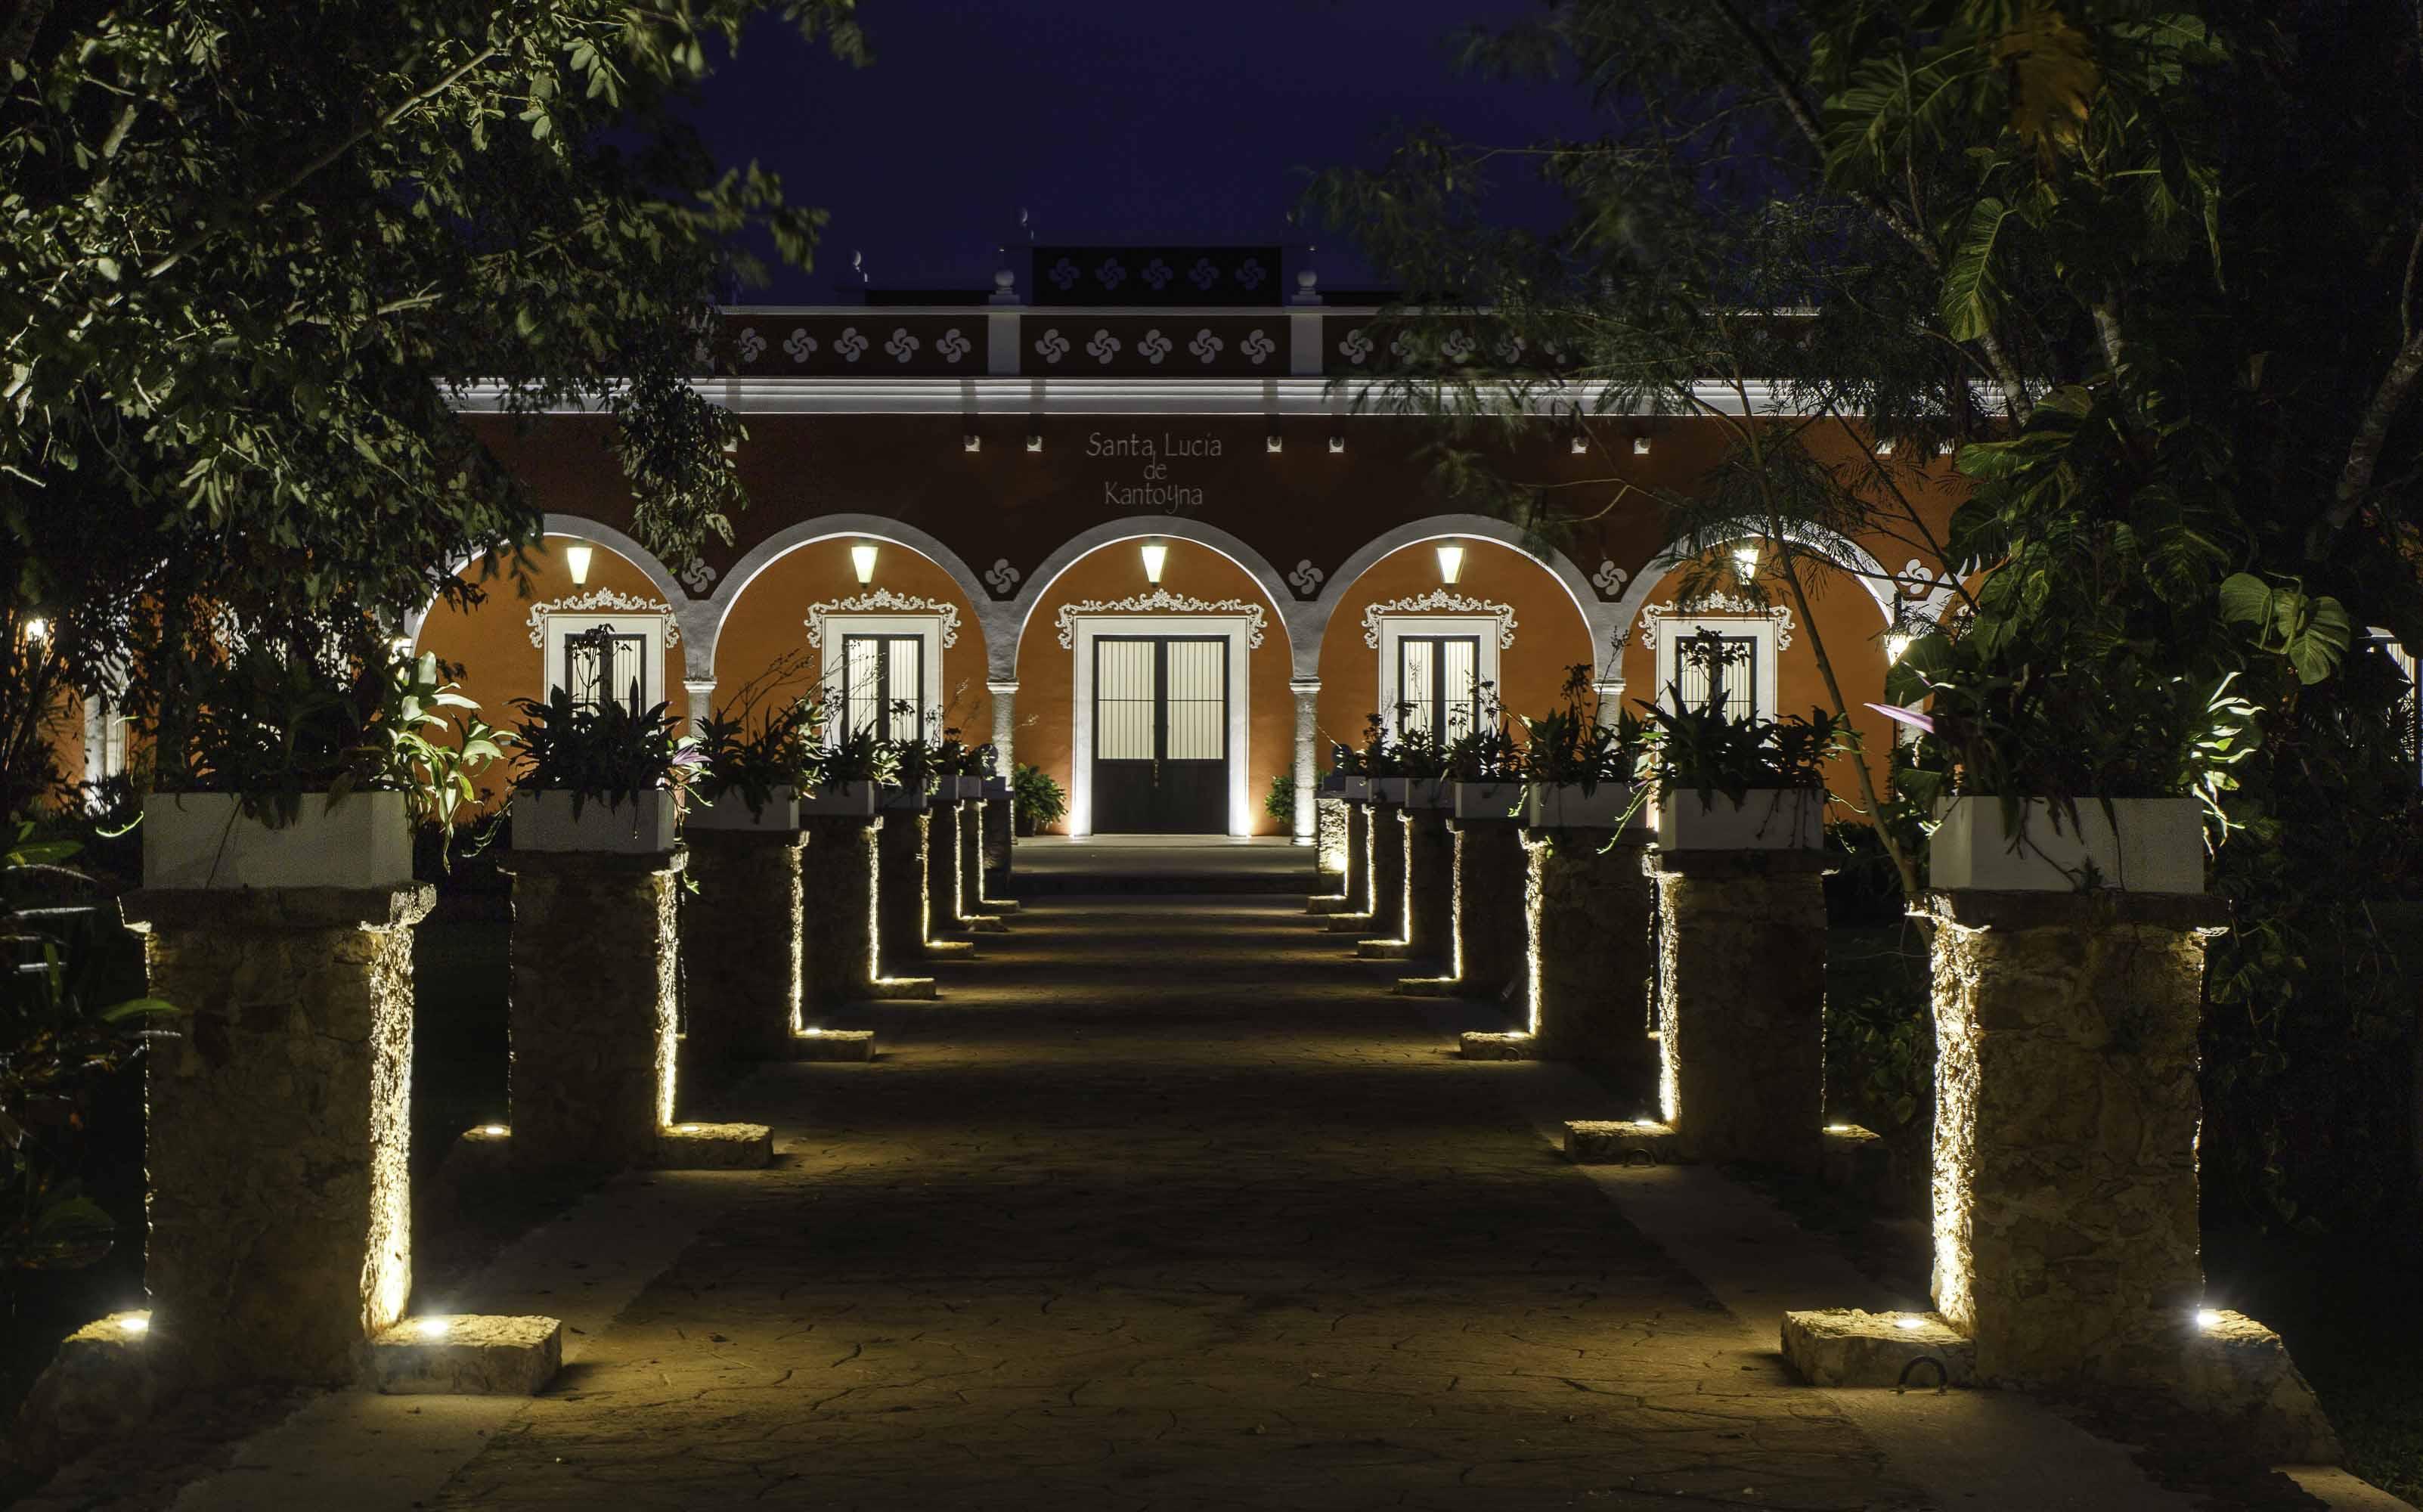 Hacienda en Yucatán de noche